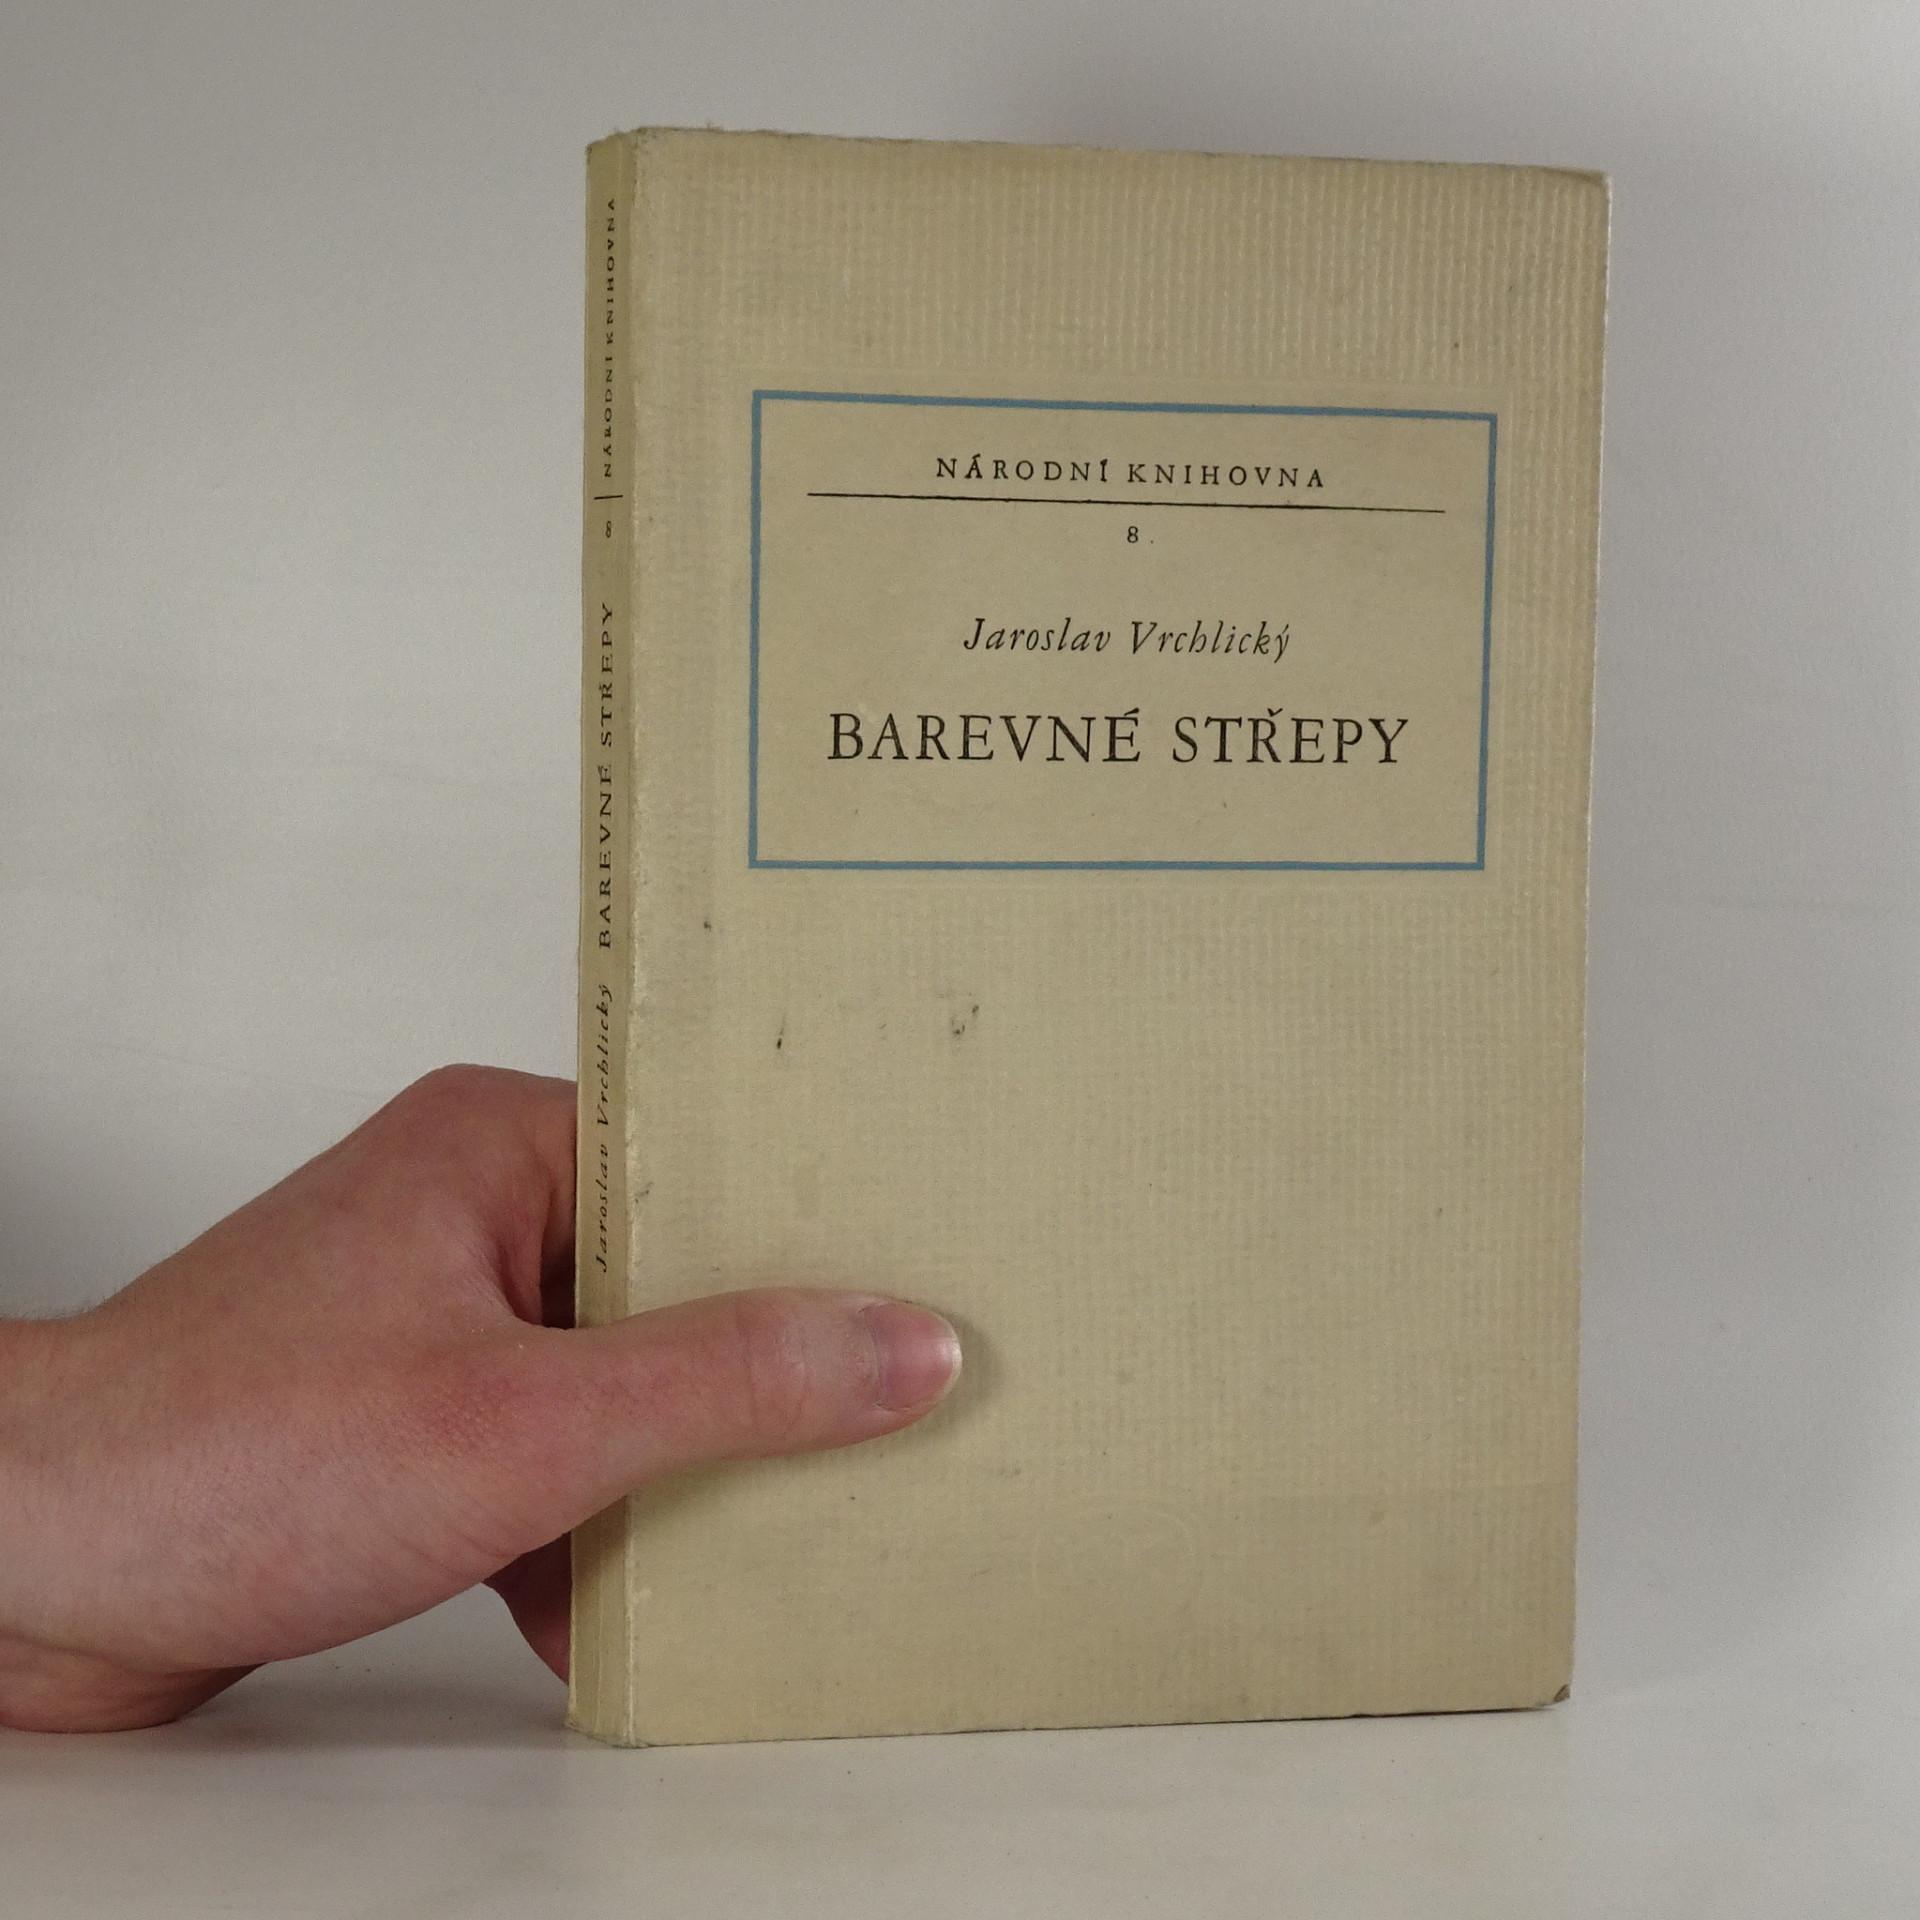 antikvární kniha Barevné střepy, 1949